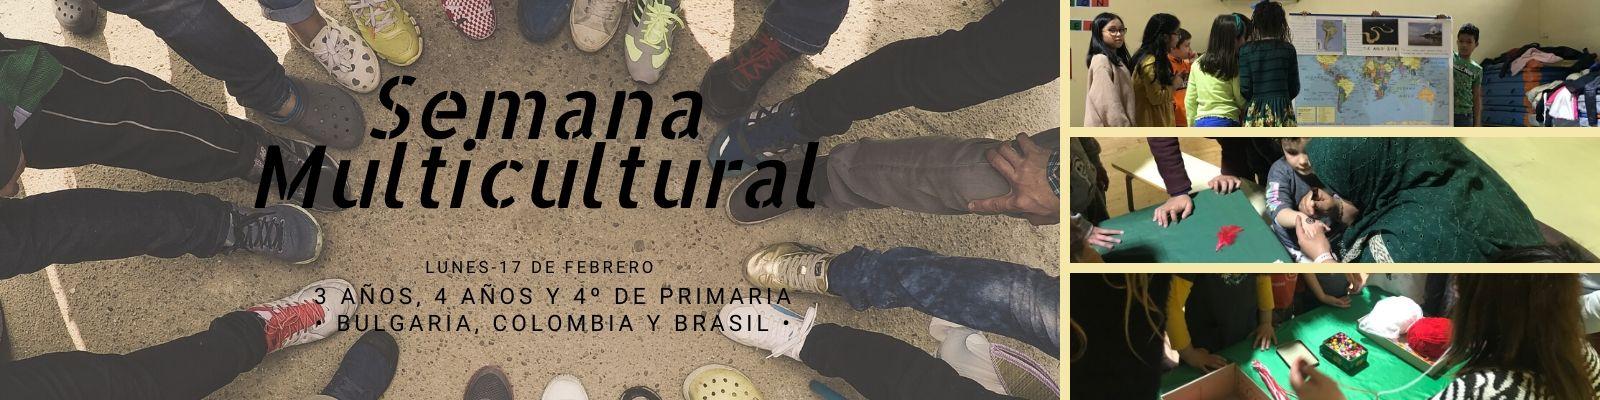 Semana multicultural, día 17 de febrero